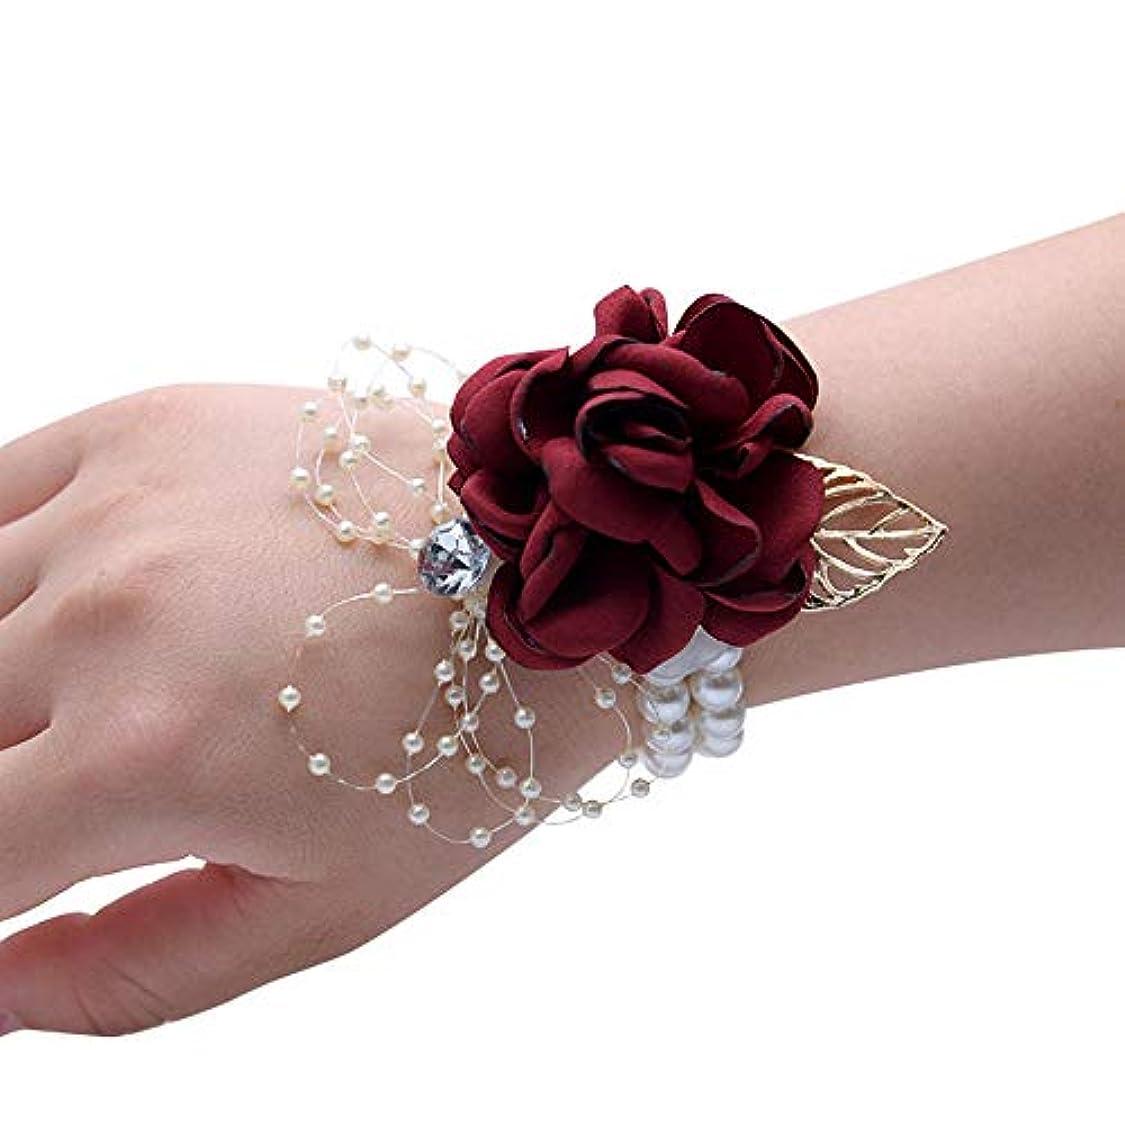 対話塊販売員Merssavo 手首の花 - 女の子チャーム手首コサージュブレスレット花嫁介添人姉妹の手の花のどの真珠の結婚式、ワインレッド